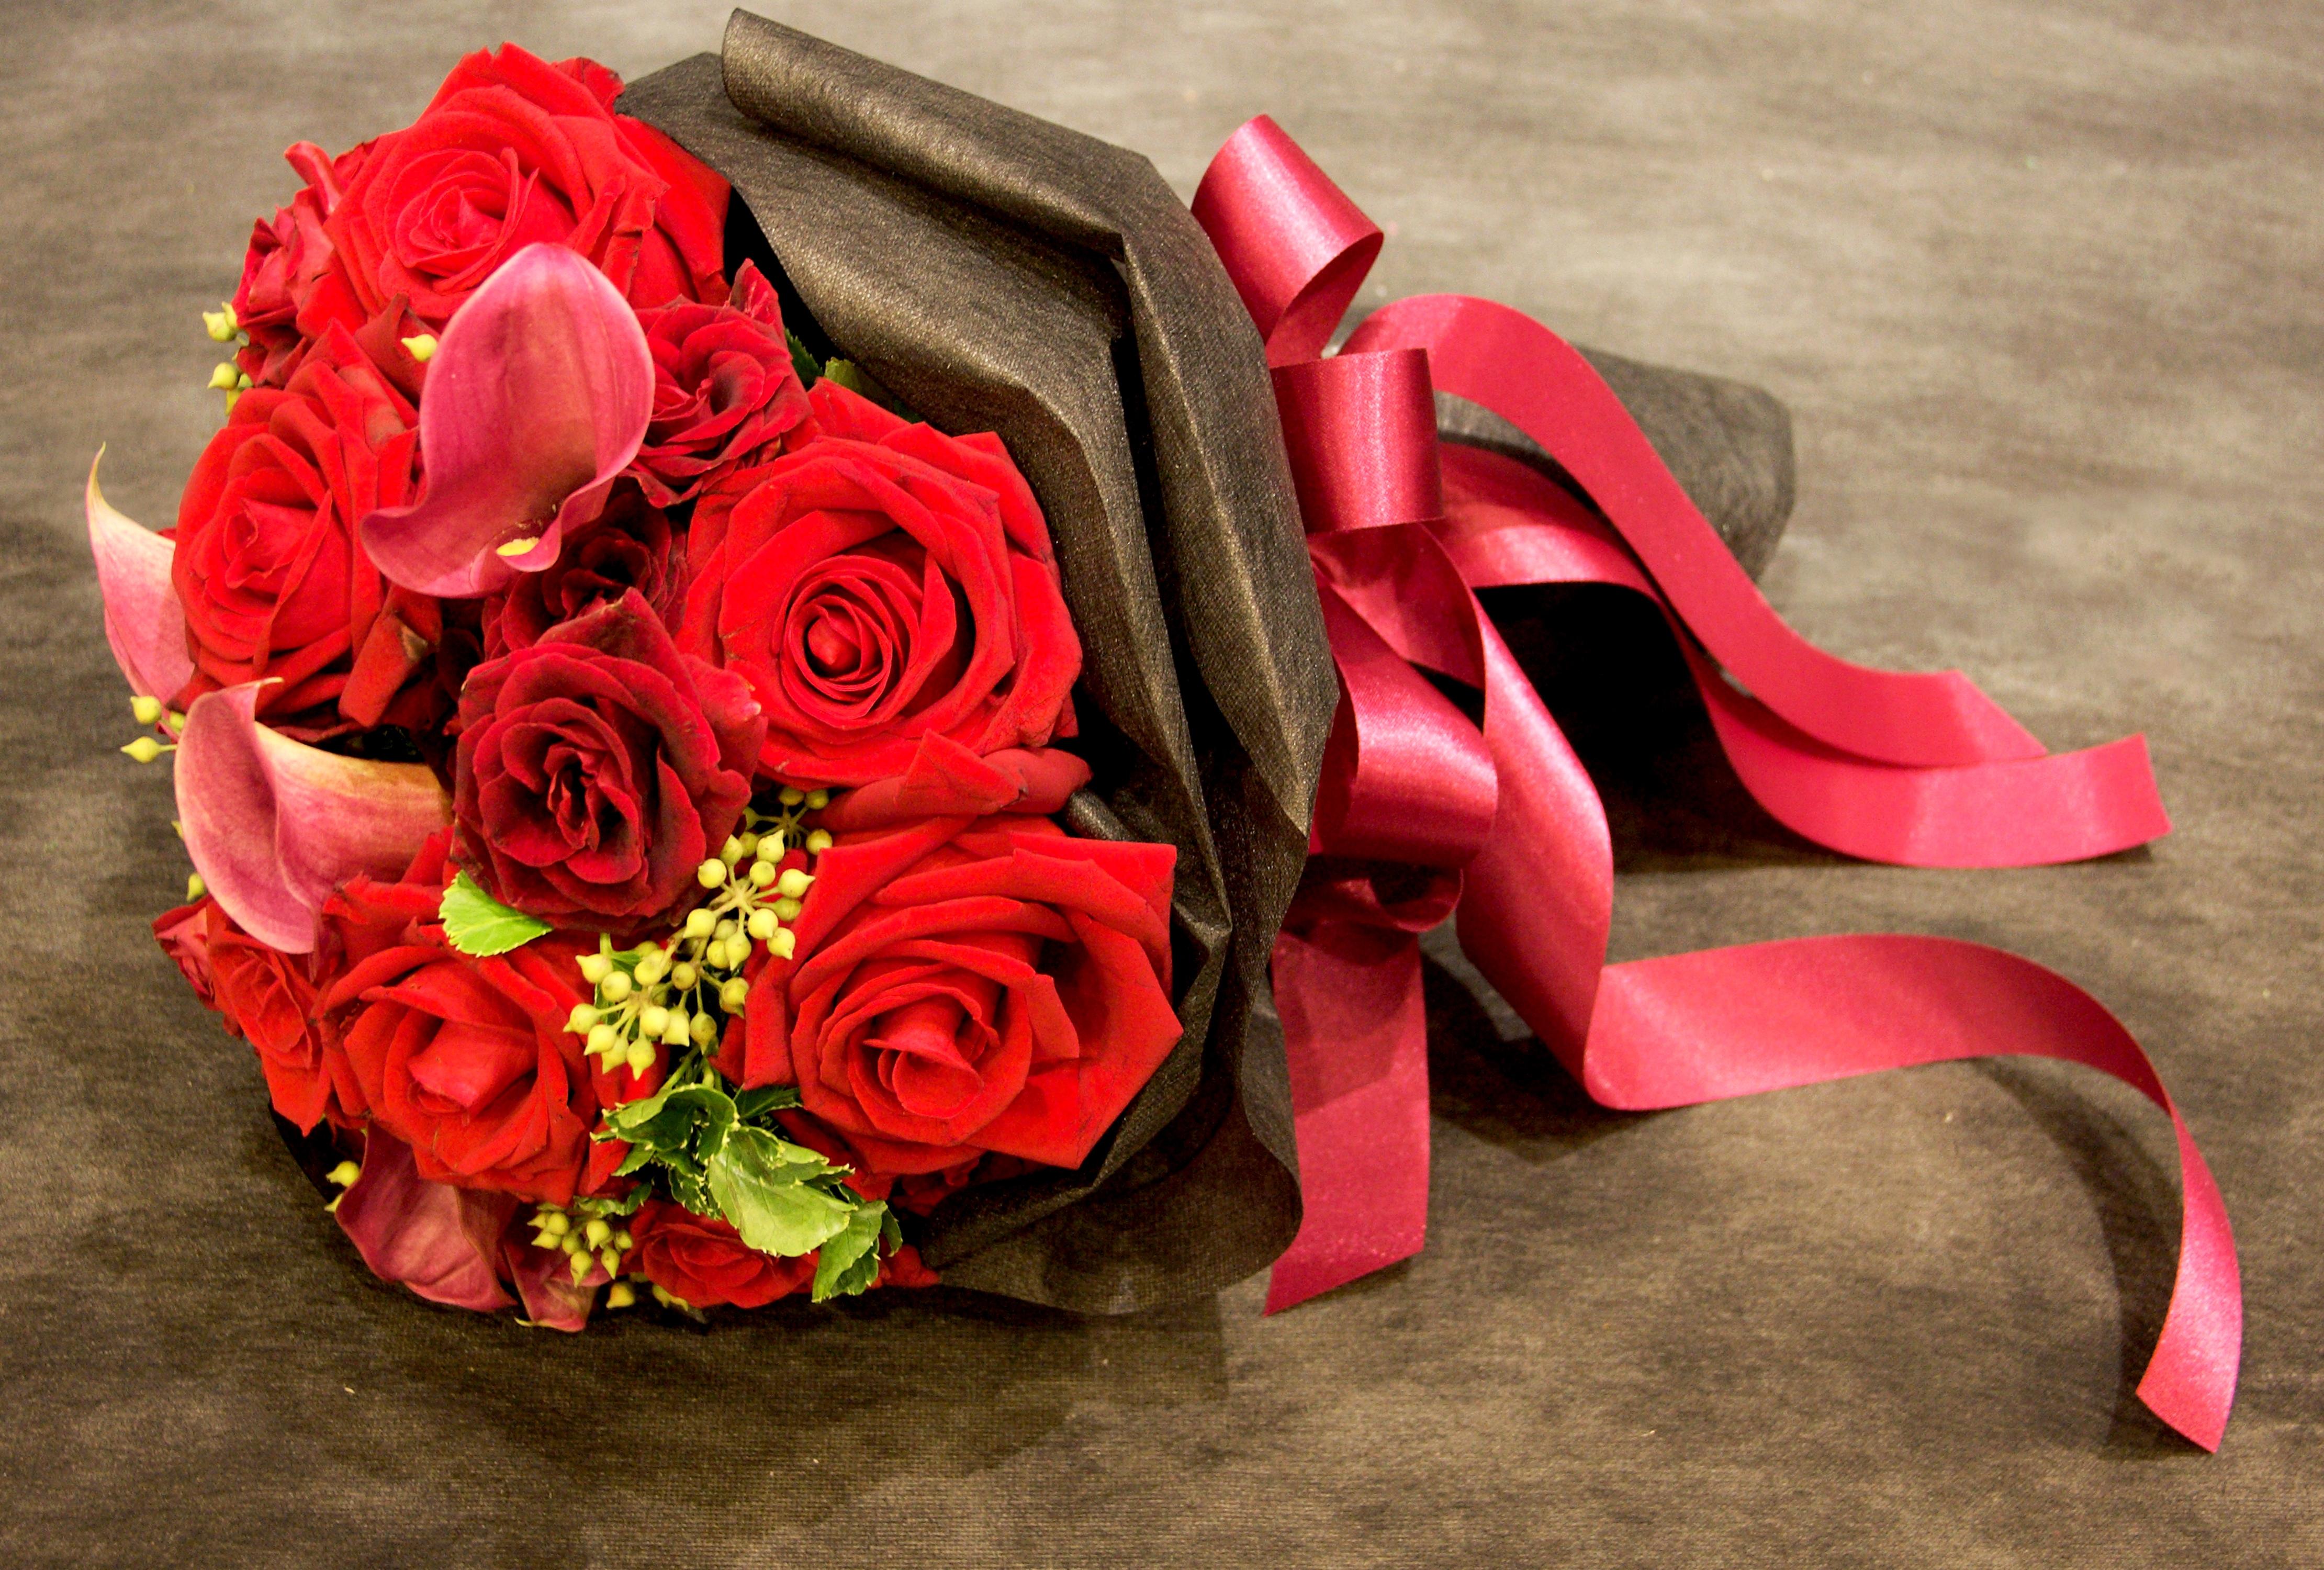 коже под красивые картинки с букетами из красных цветов борьба добра зла